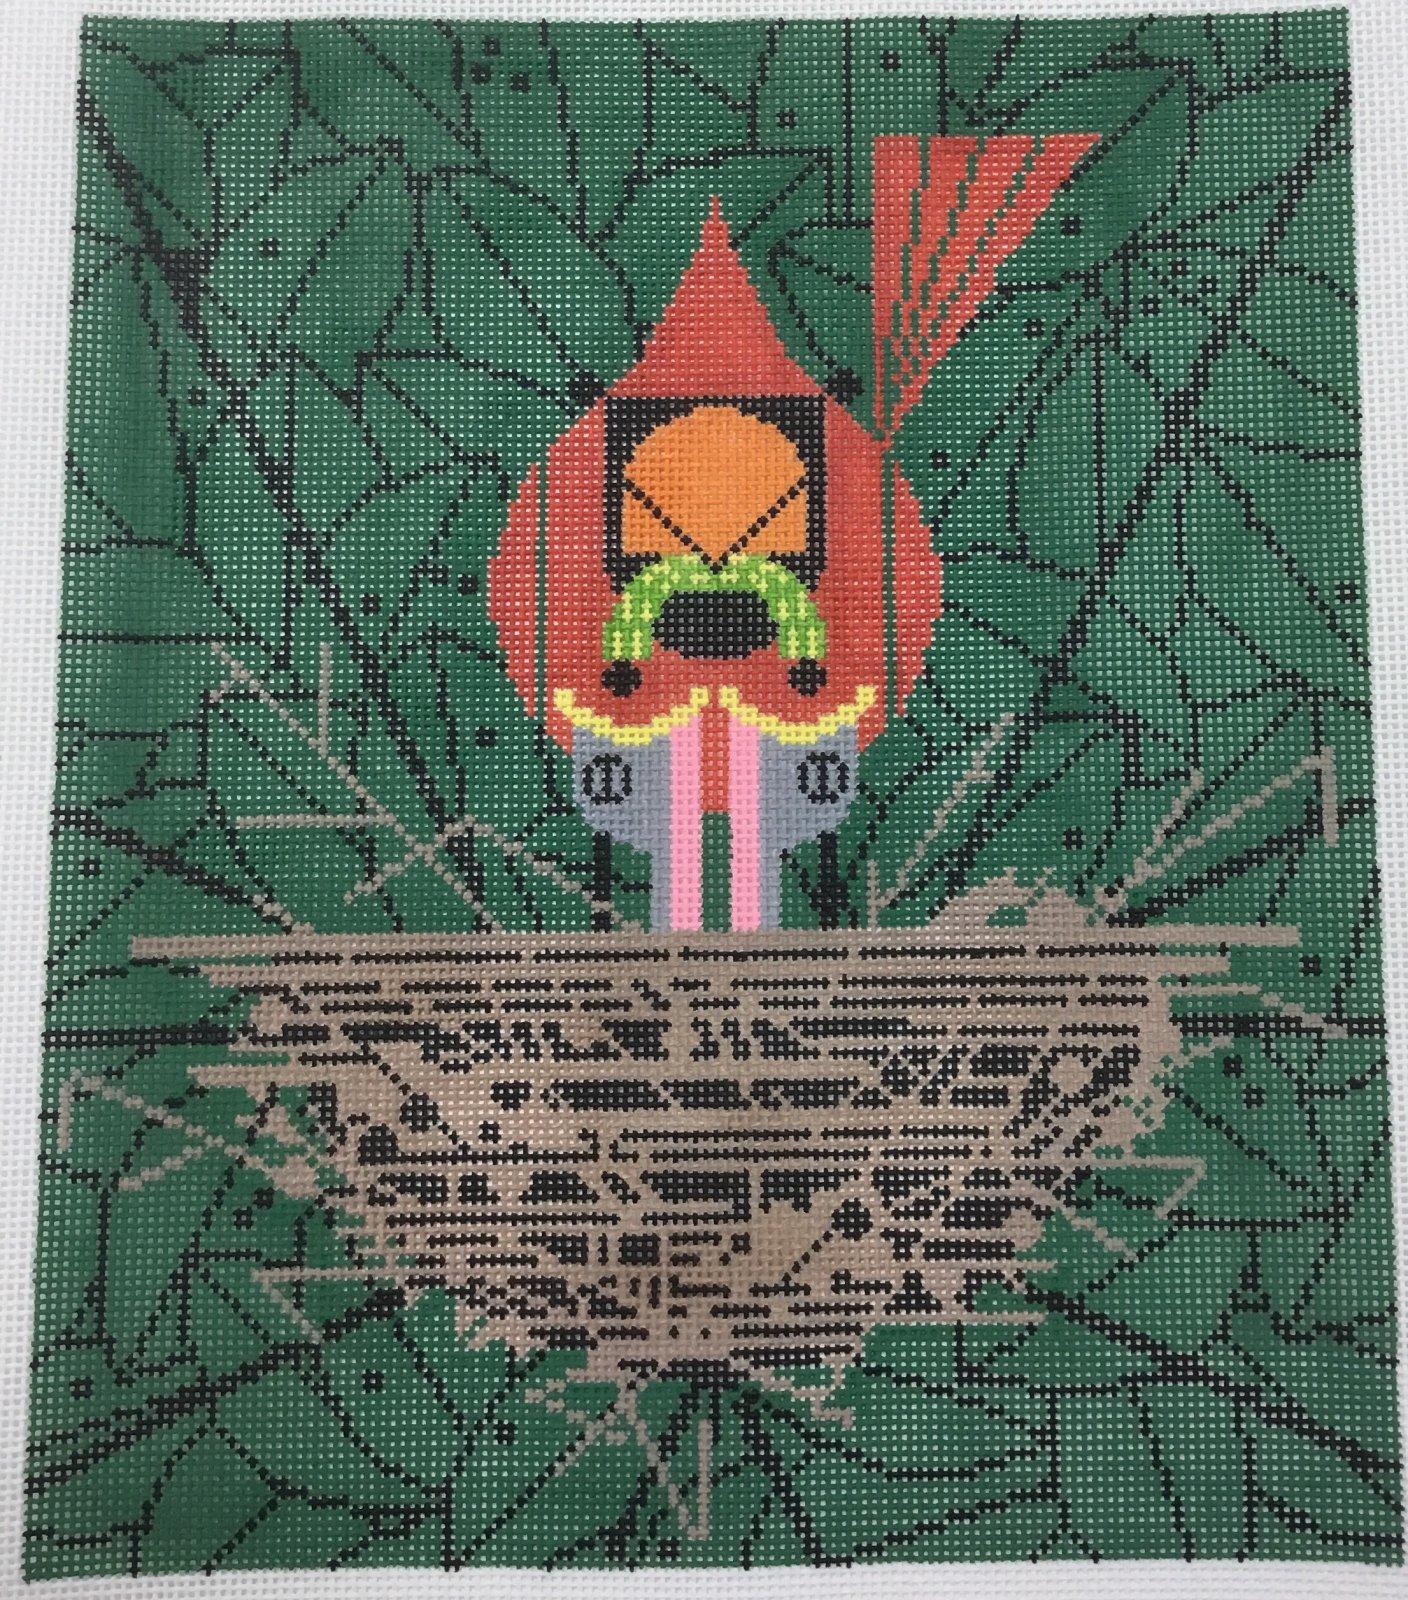 Cardinal Cradle, 13M, 10x12